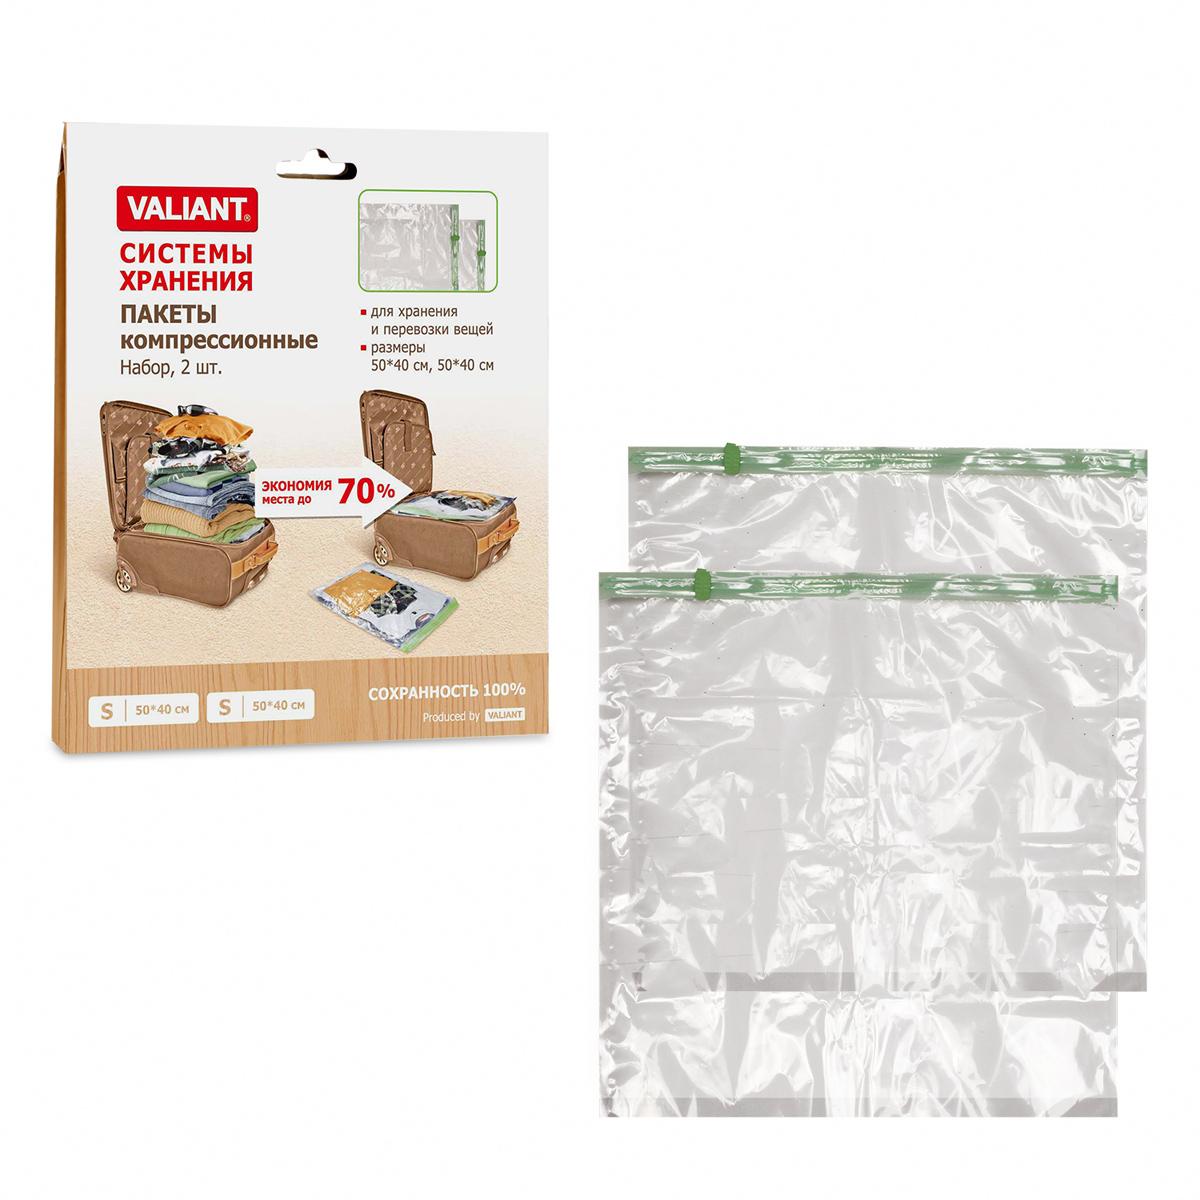 Пакеты компрессионные Valiant, 50 см х 40 см, 2 штSS54Компрессионные пакеты Valiant - рациональный подход к компактному хранению и перевозке вещей. Вы существенно сэкономите место на полке в шкафу или в чемодане. Вещи сжимаются в объеме на 70%, полностью сохраняя свое качество. Благодаря этому вы сможете сложить в чемодан или сумку больше вещей и перевезти их аккуратно и надежно. Пакет также защищает вещи от любых повреждений - влаги, пыли, пятен, плесени, моли и других насекомых, а также от обесцвечивания, запахов и бактерий. Пакет универсальный, для его использования не нужен пылесос. Чтобы выпустить воздух из пакета, достаточно просто его скатать. Пакет закрывается на замок zip-lock. Не подходит для изделий из меха и кожи. Комплектация: 2 шт. Размер пакета: 50 см х 40 см.